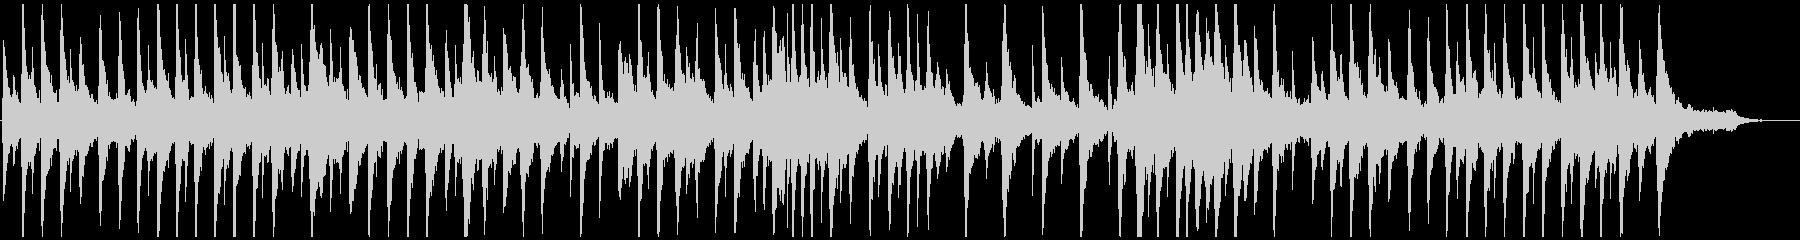 優しく広がりのあるピアノアンビエントの未再生の波形